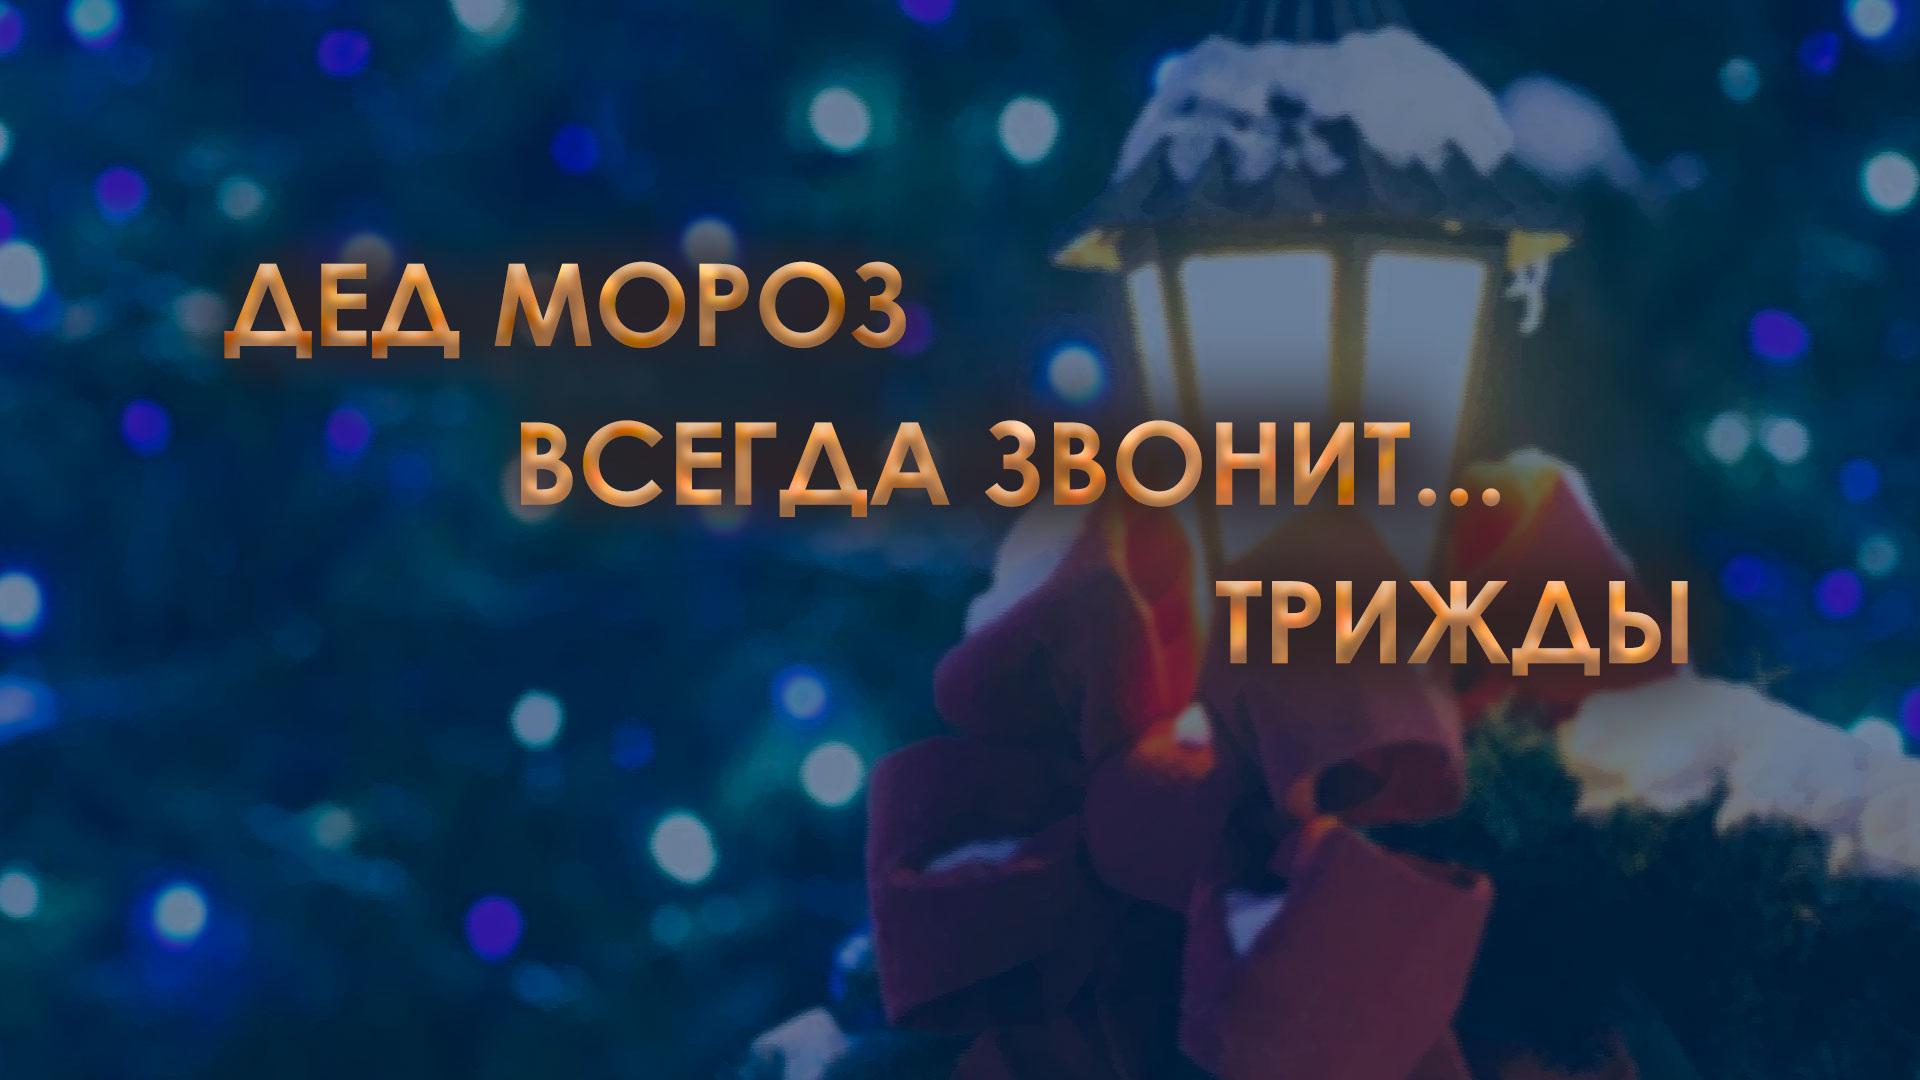 Дед Мороз всегда звонит... трижды